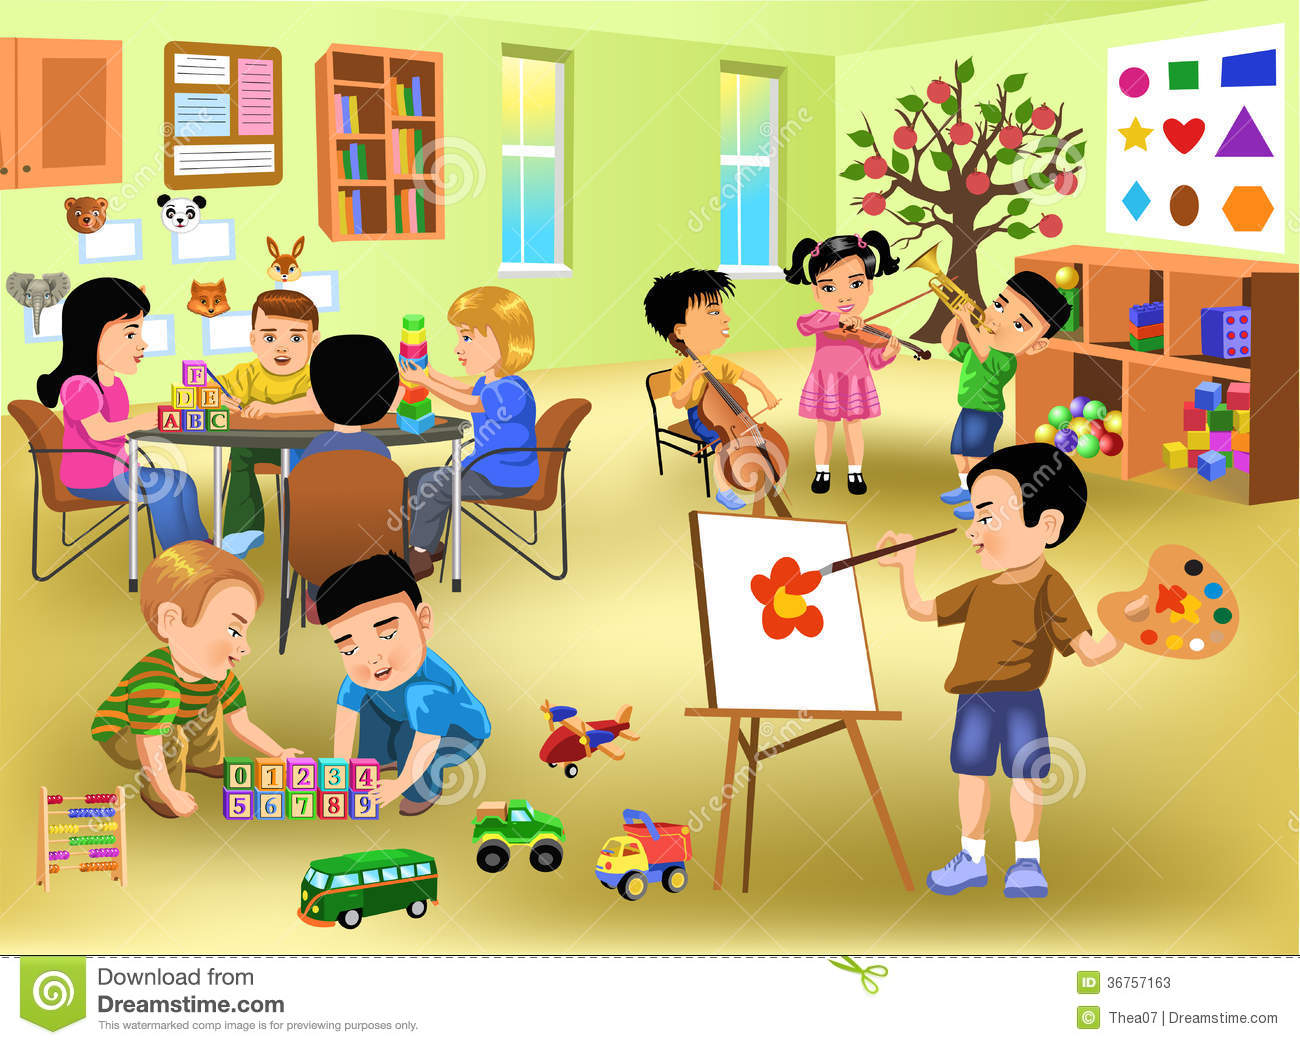 classroom clipart for teacher - Classroomclipart